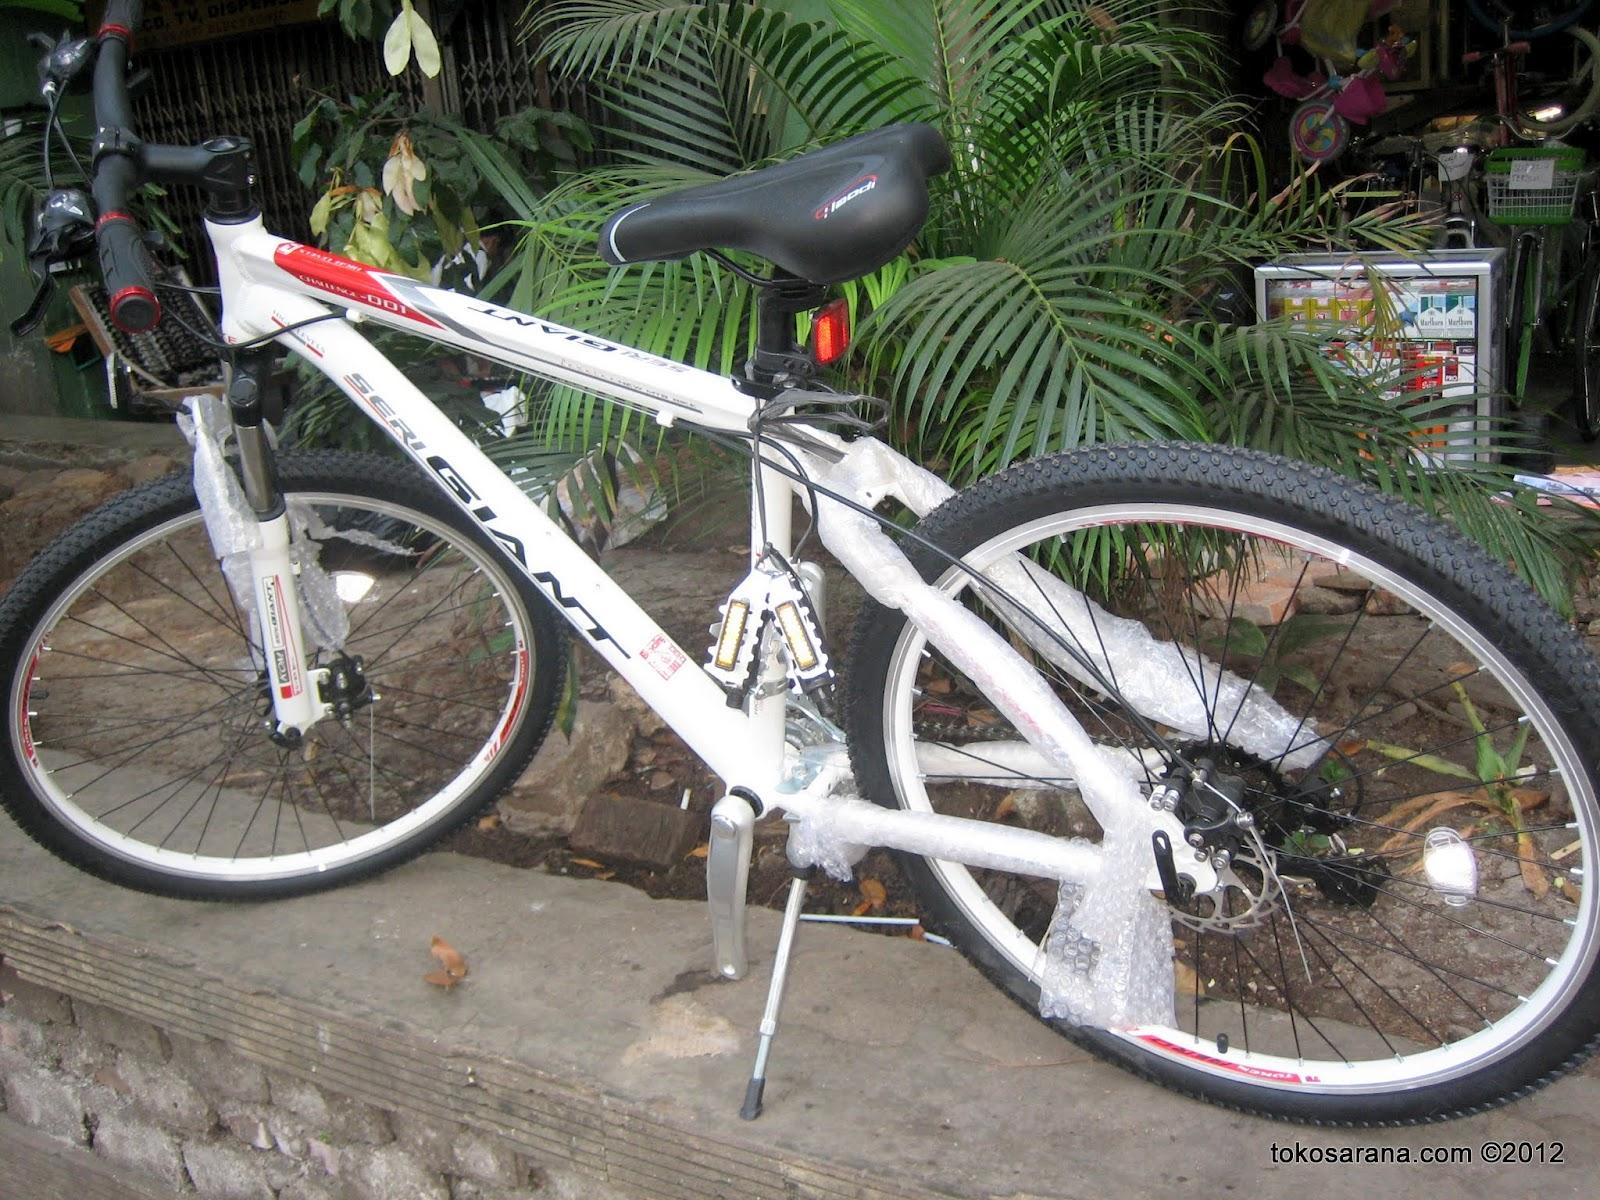 tokosarana™ Mahasarana Sukses™ Sepeda Gunung Giant